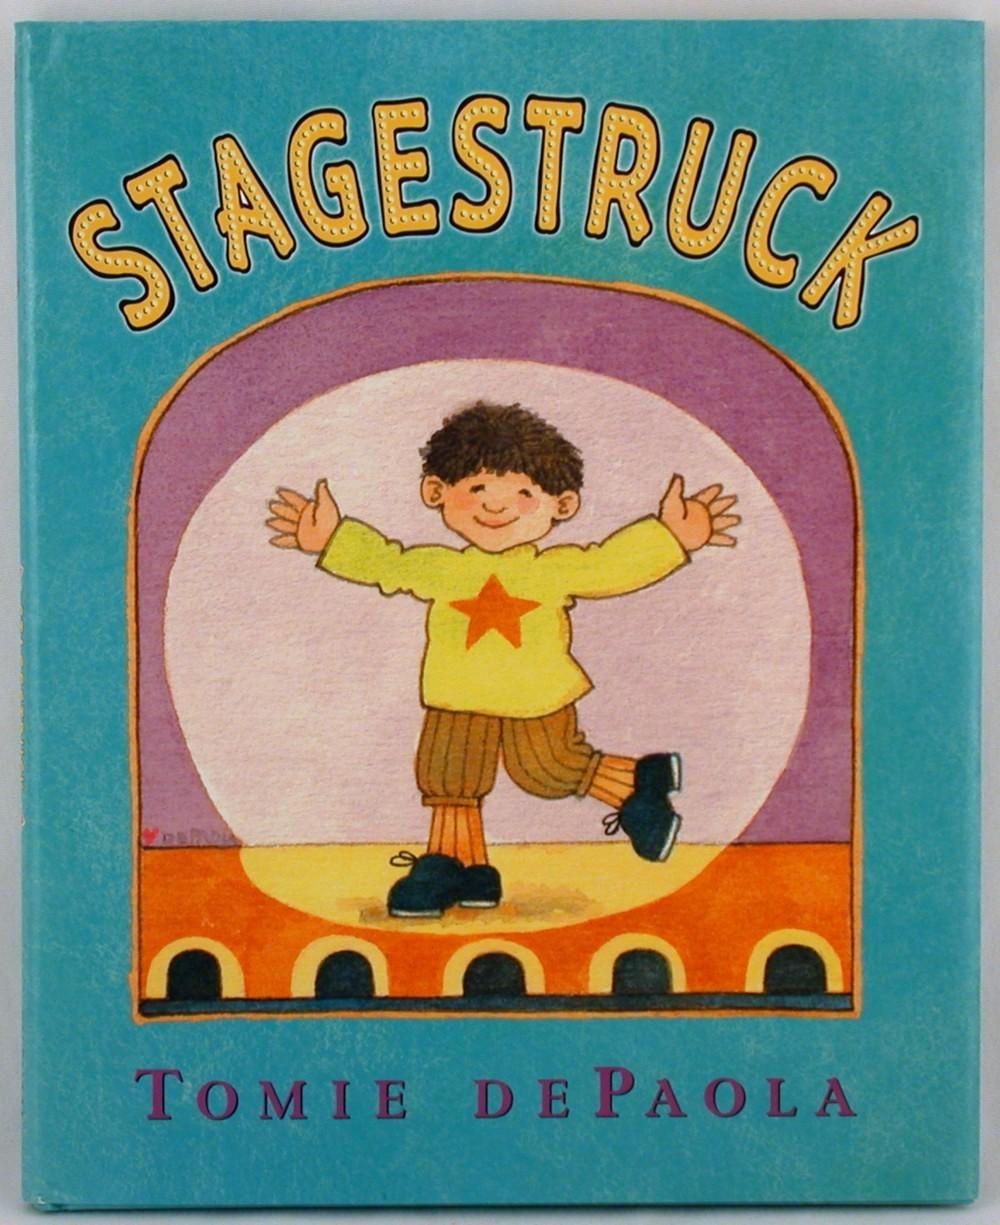 Book stagestruck